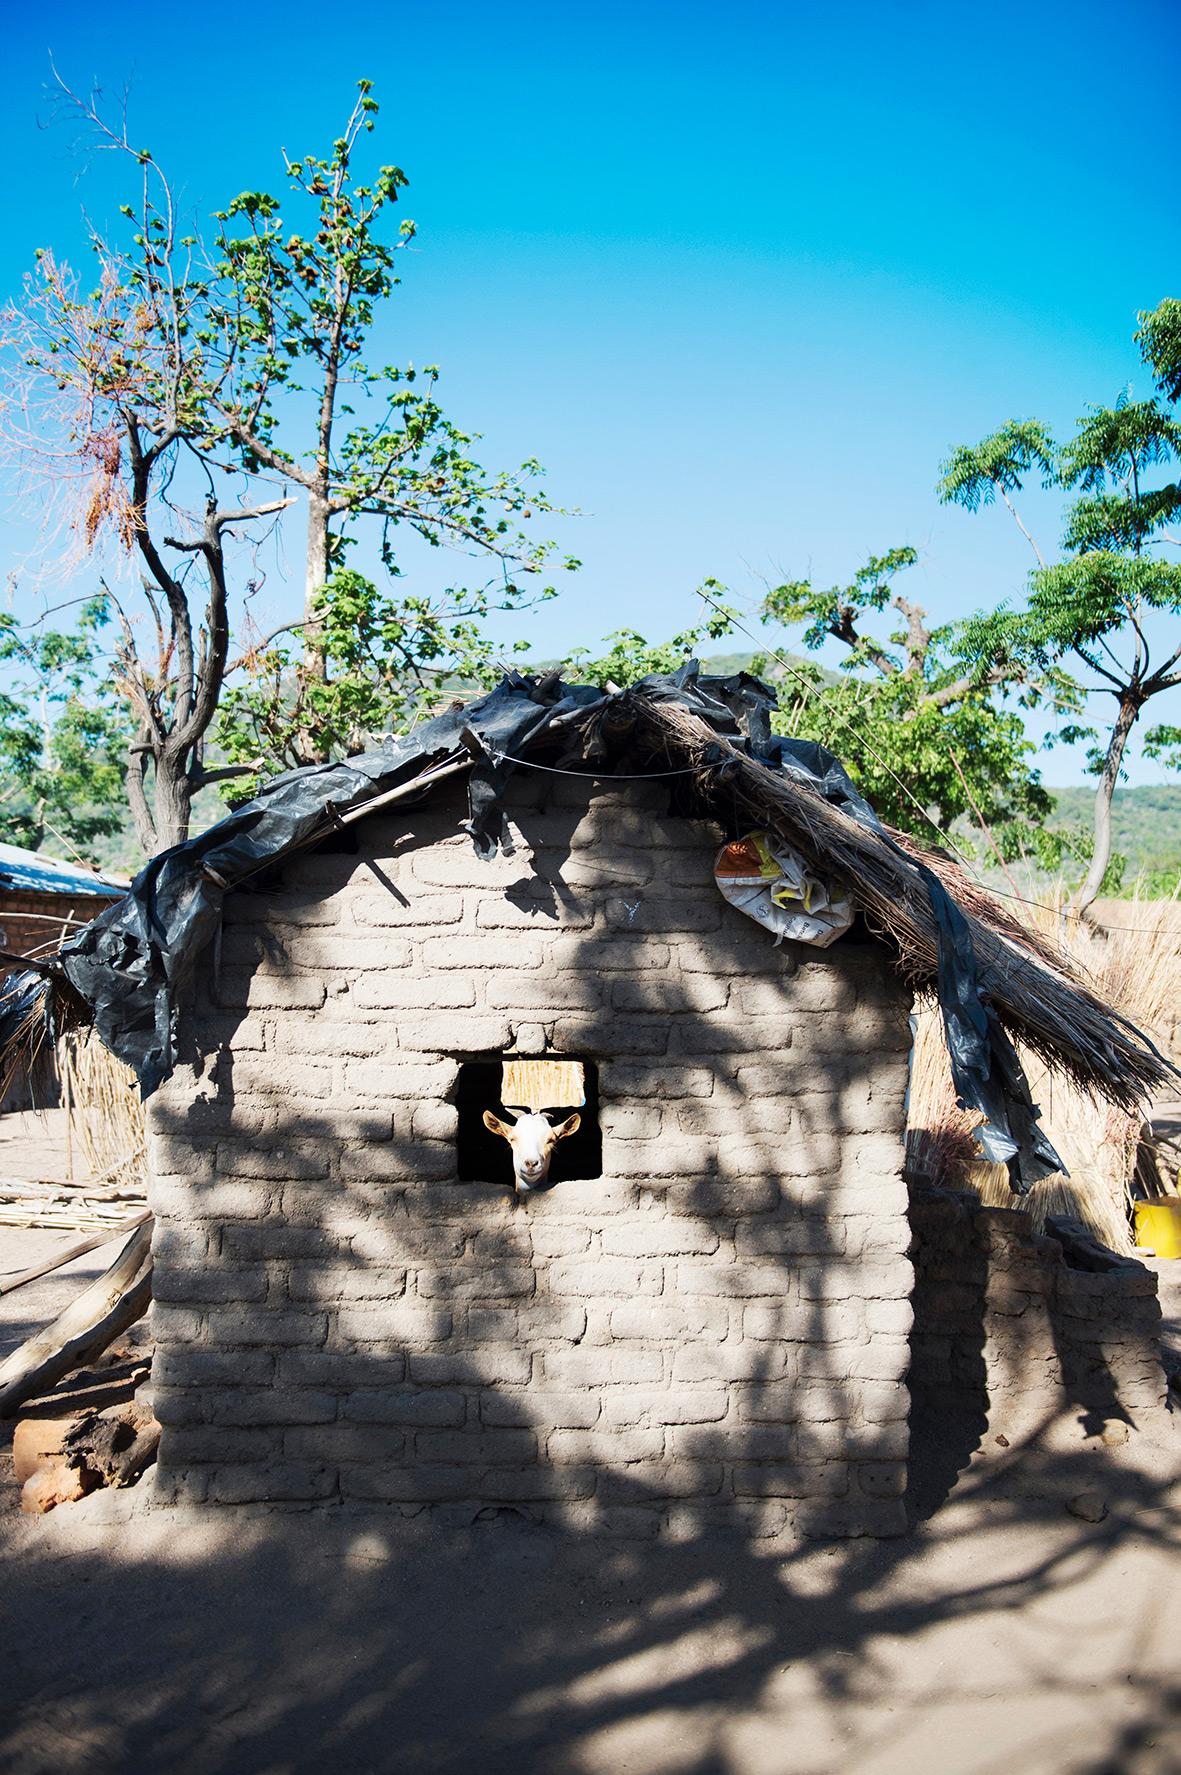 Hütte und Ziege, Landleben in Malawi, Bild aus Afrika erhältlich im Onlineshop